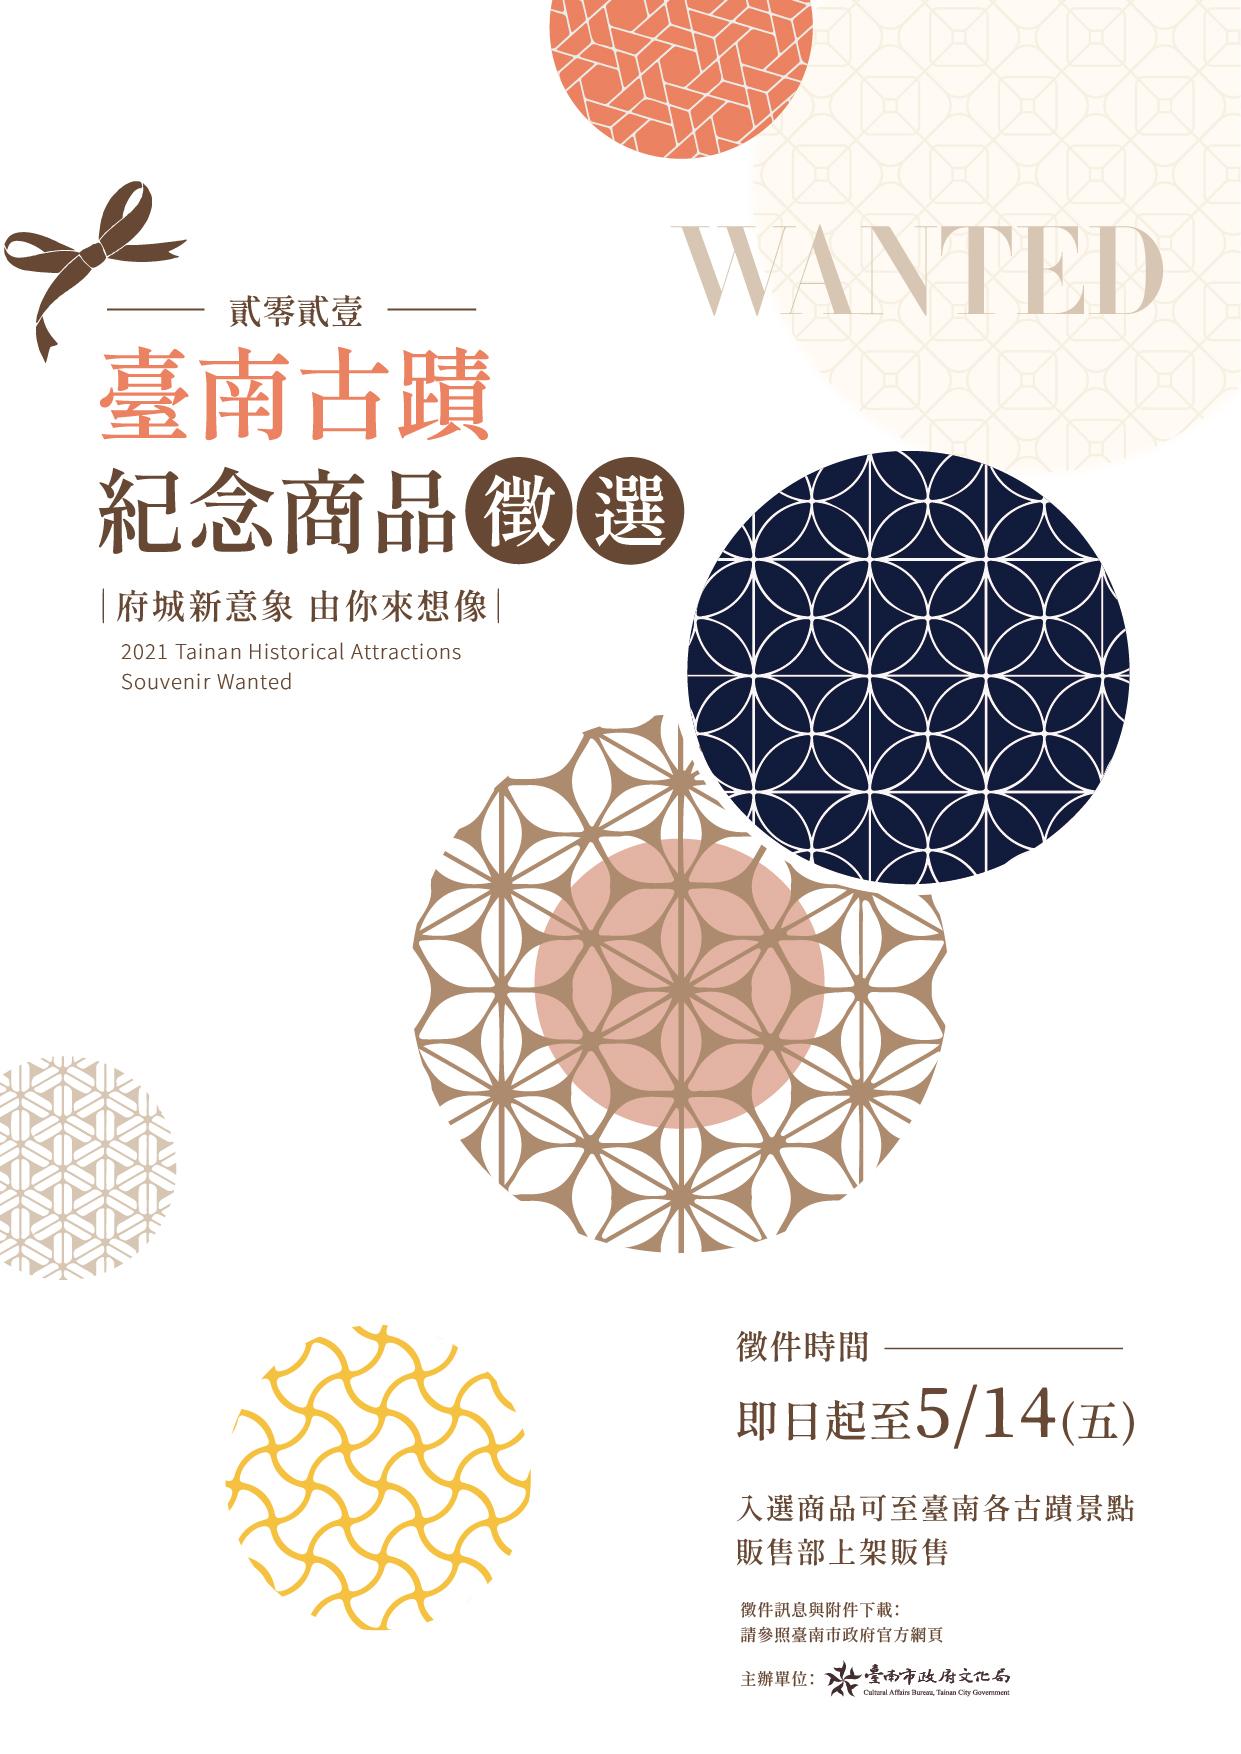 110年臺南古蹟紀念商品徵件起跑即日起至5...